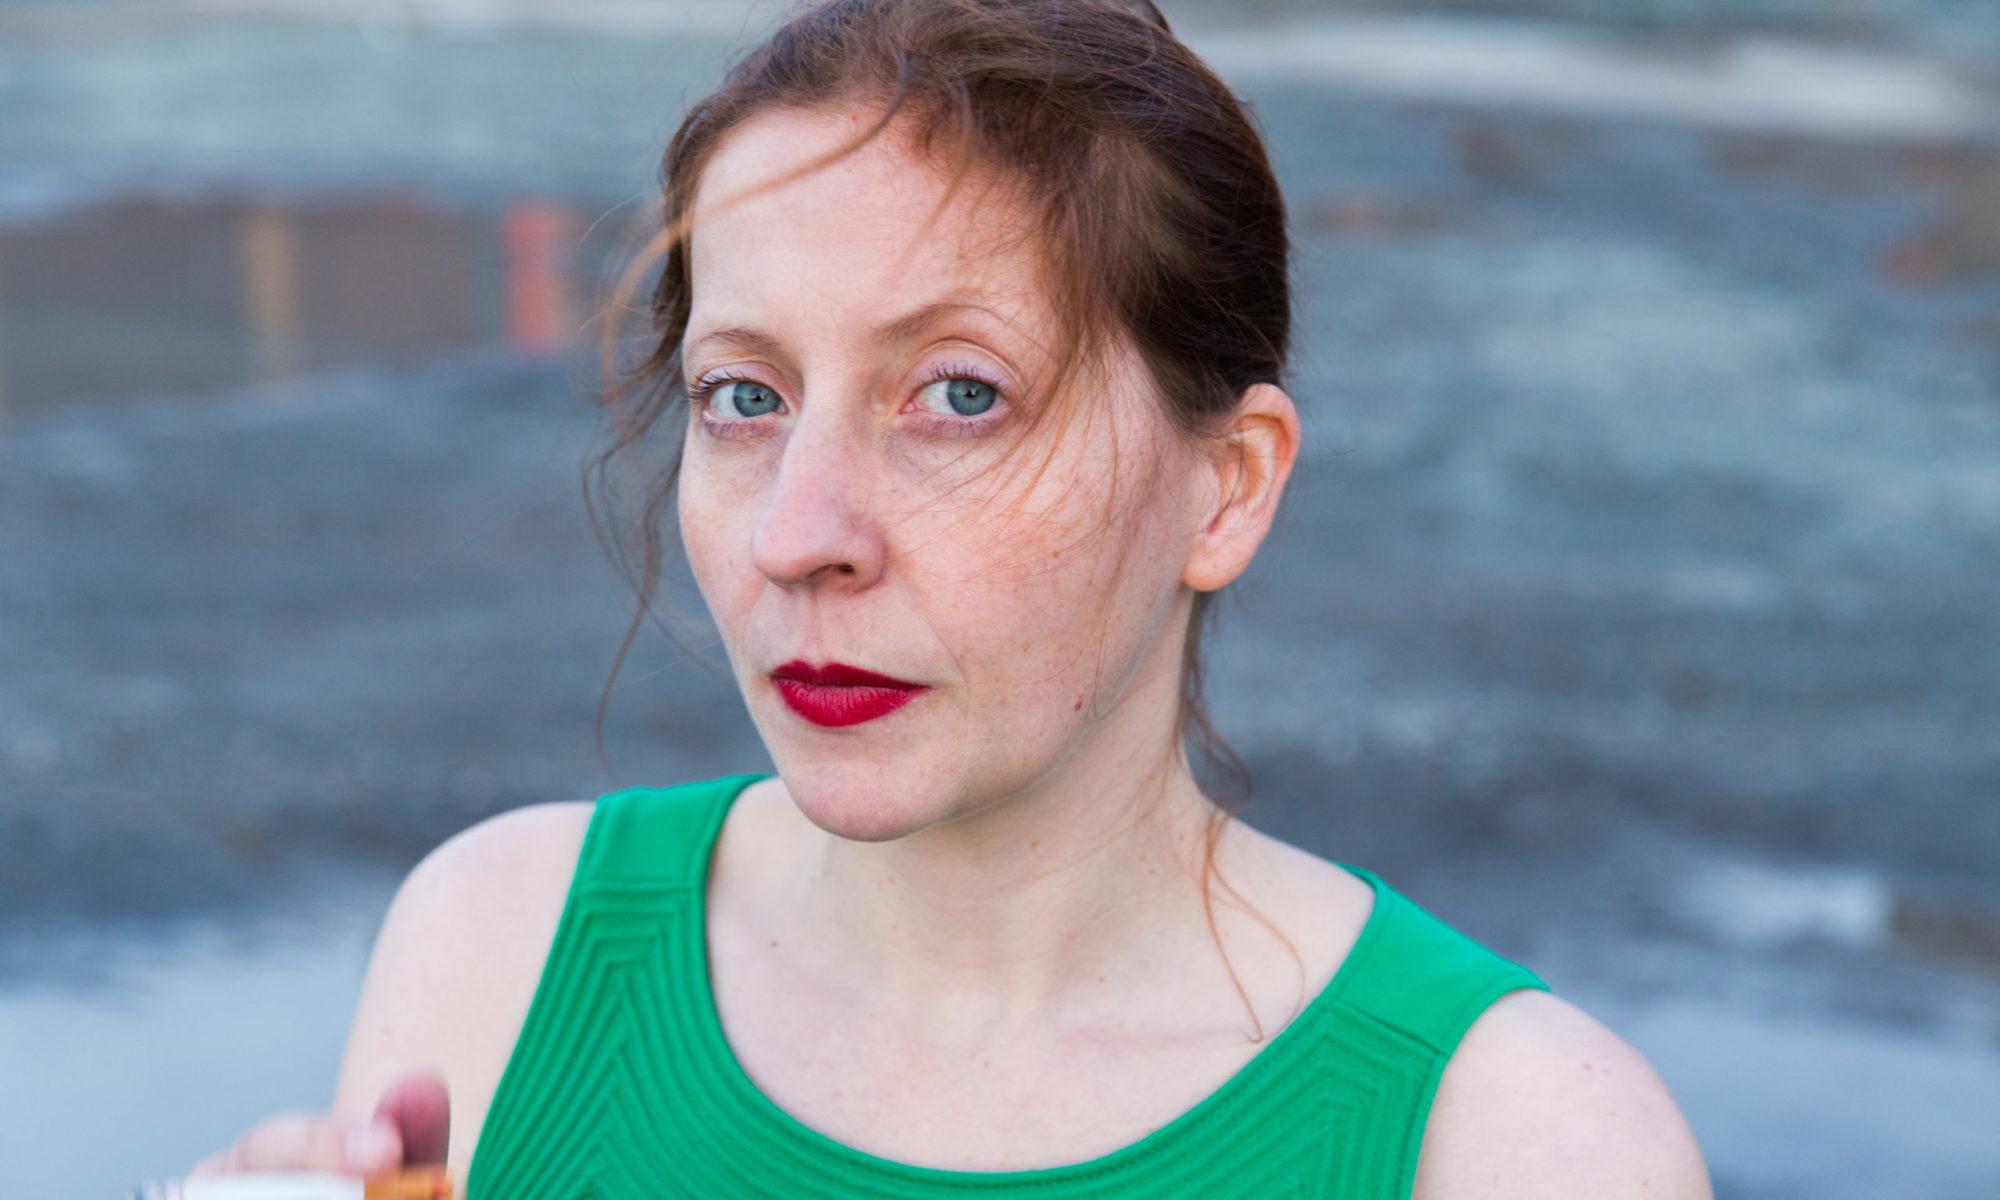 Lisa Sophie Kusz